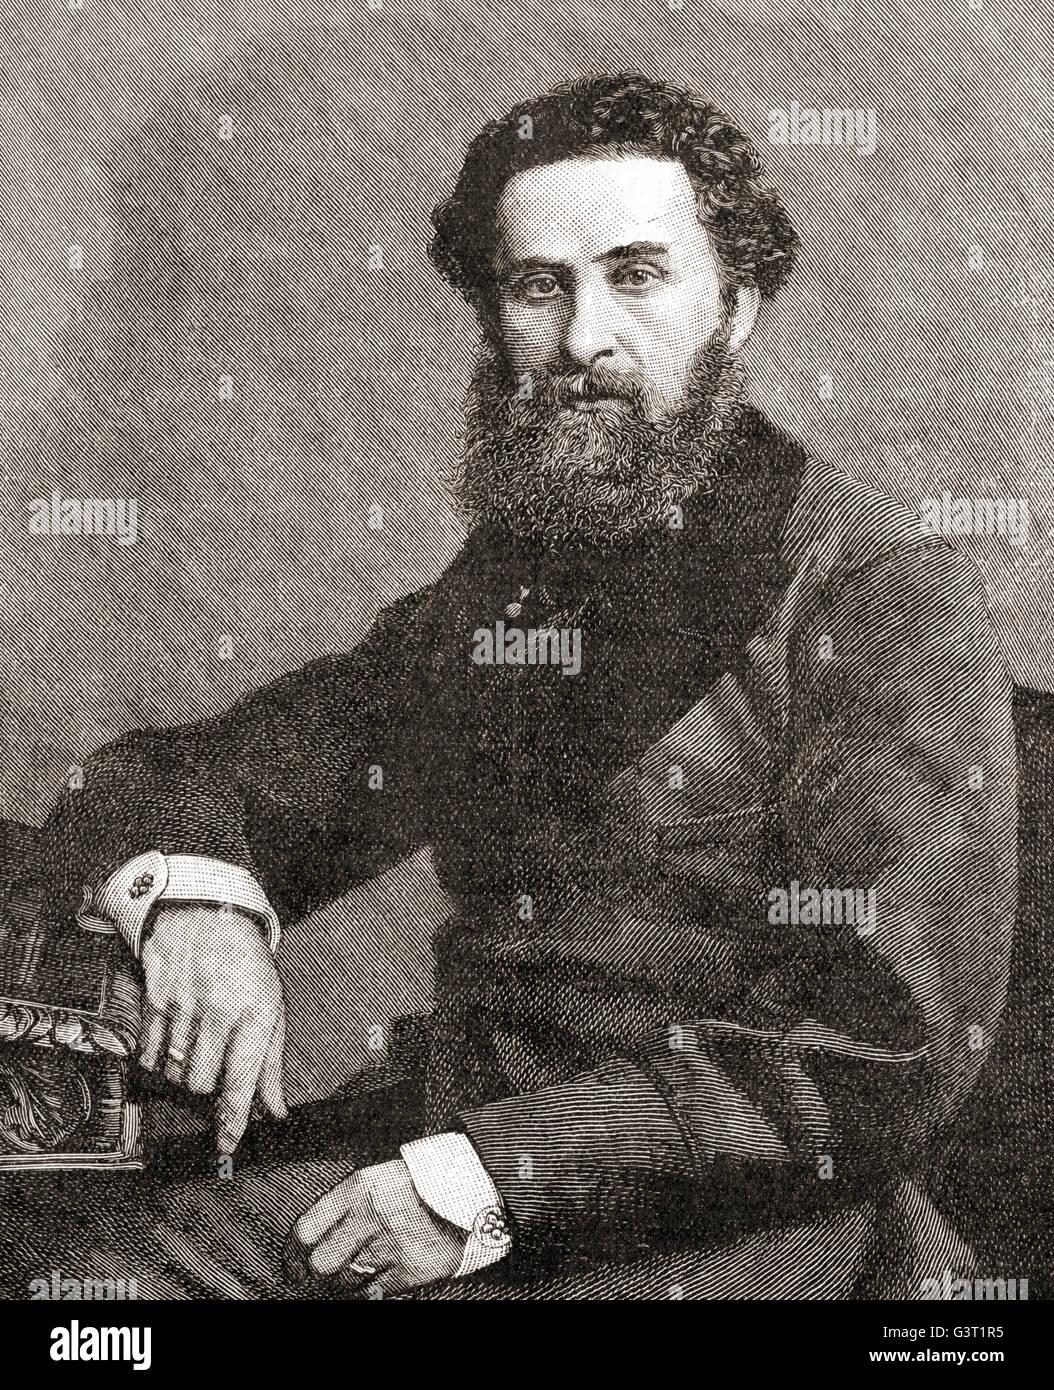 Edward Robert Lytton Bulwer-Lytton, 1er comte de Lytton, 1831 - 1891. D'État anglais, poète, vice-roi et gouverneur général de l'Inde. Banque D'Images